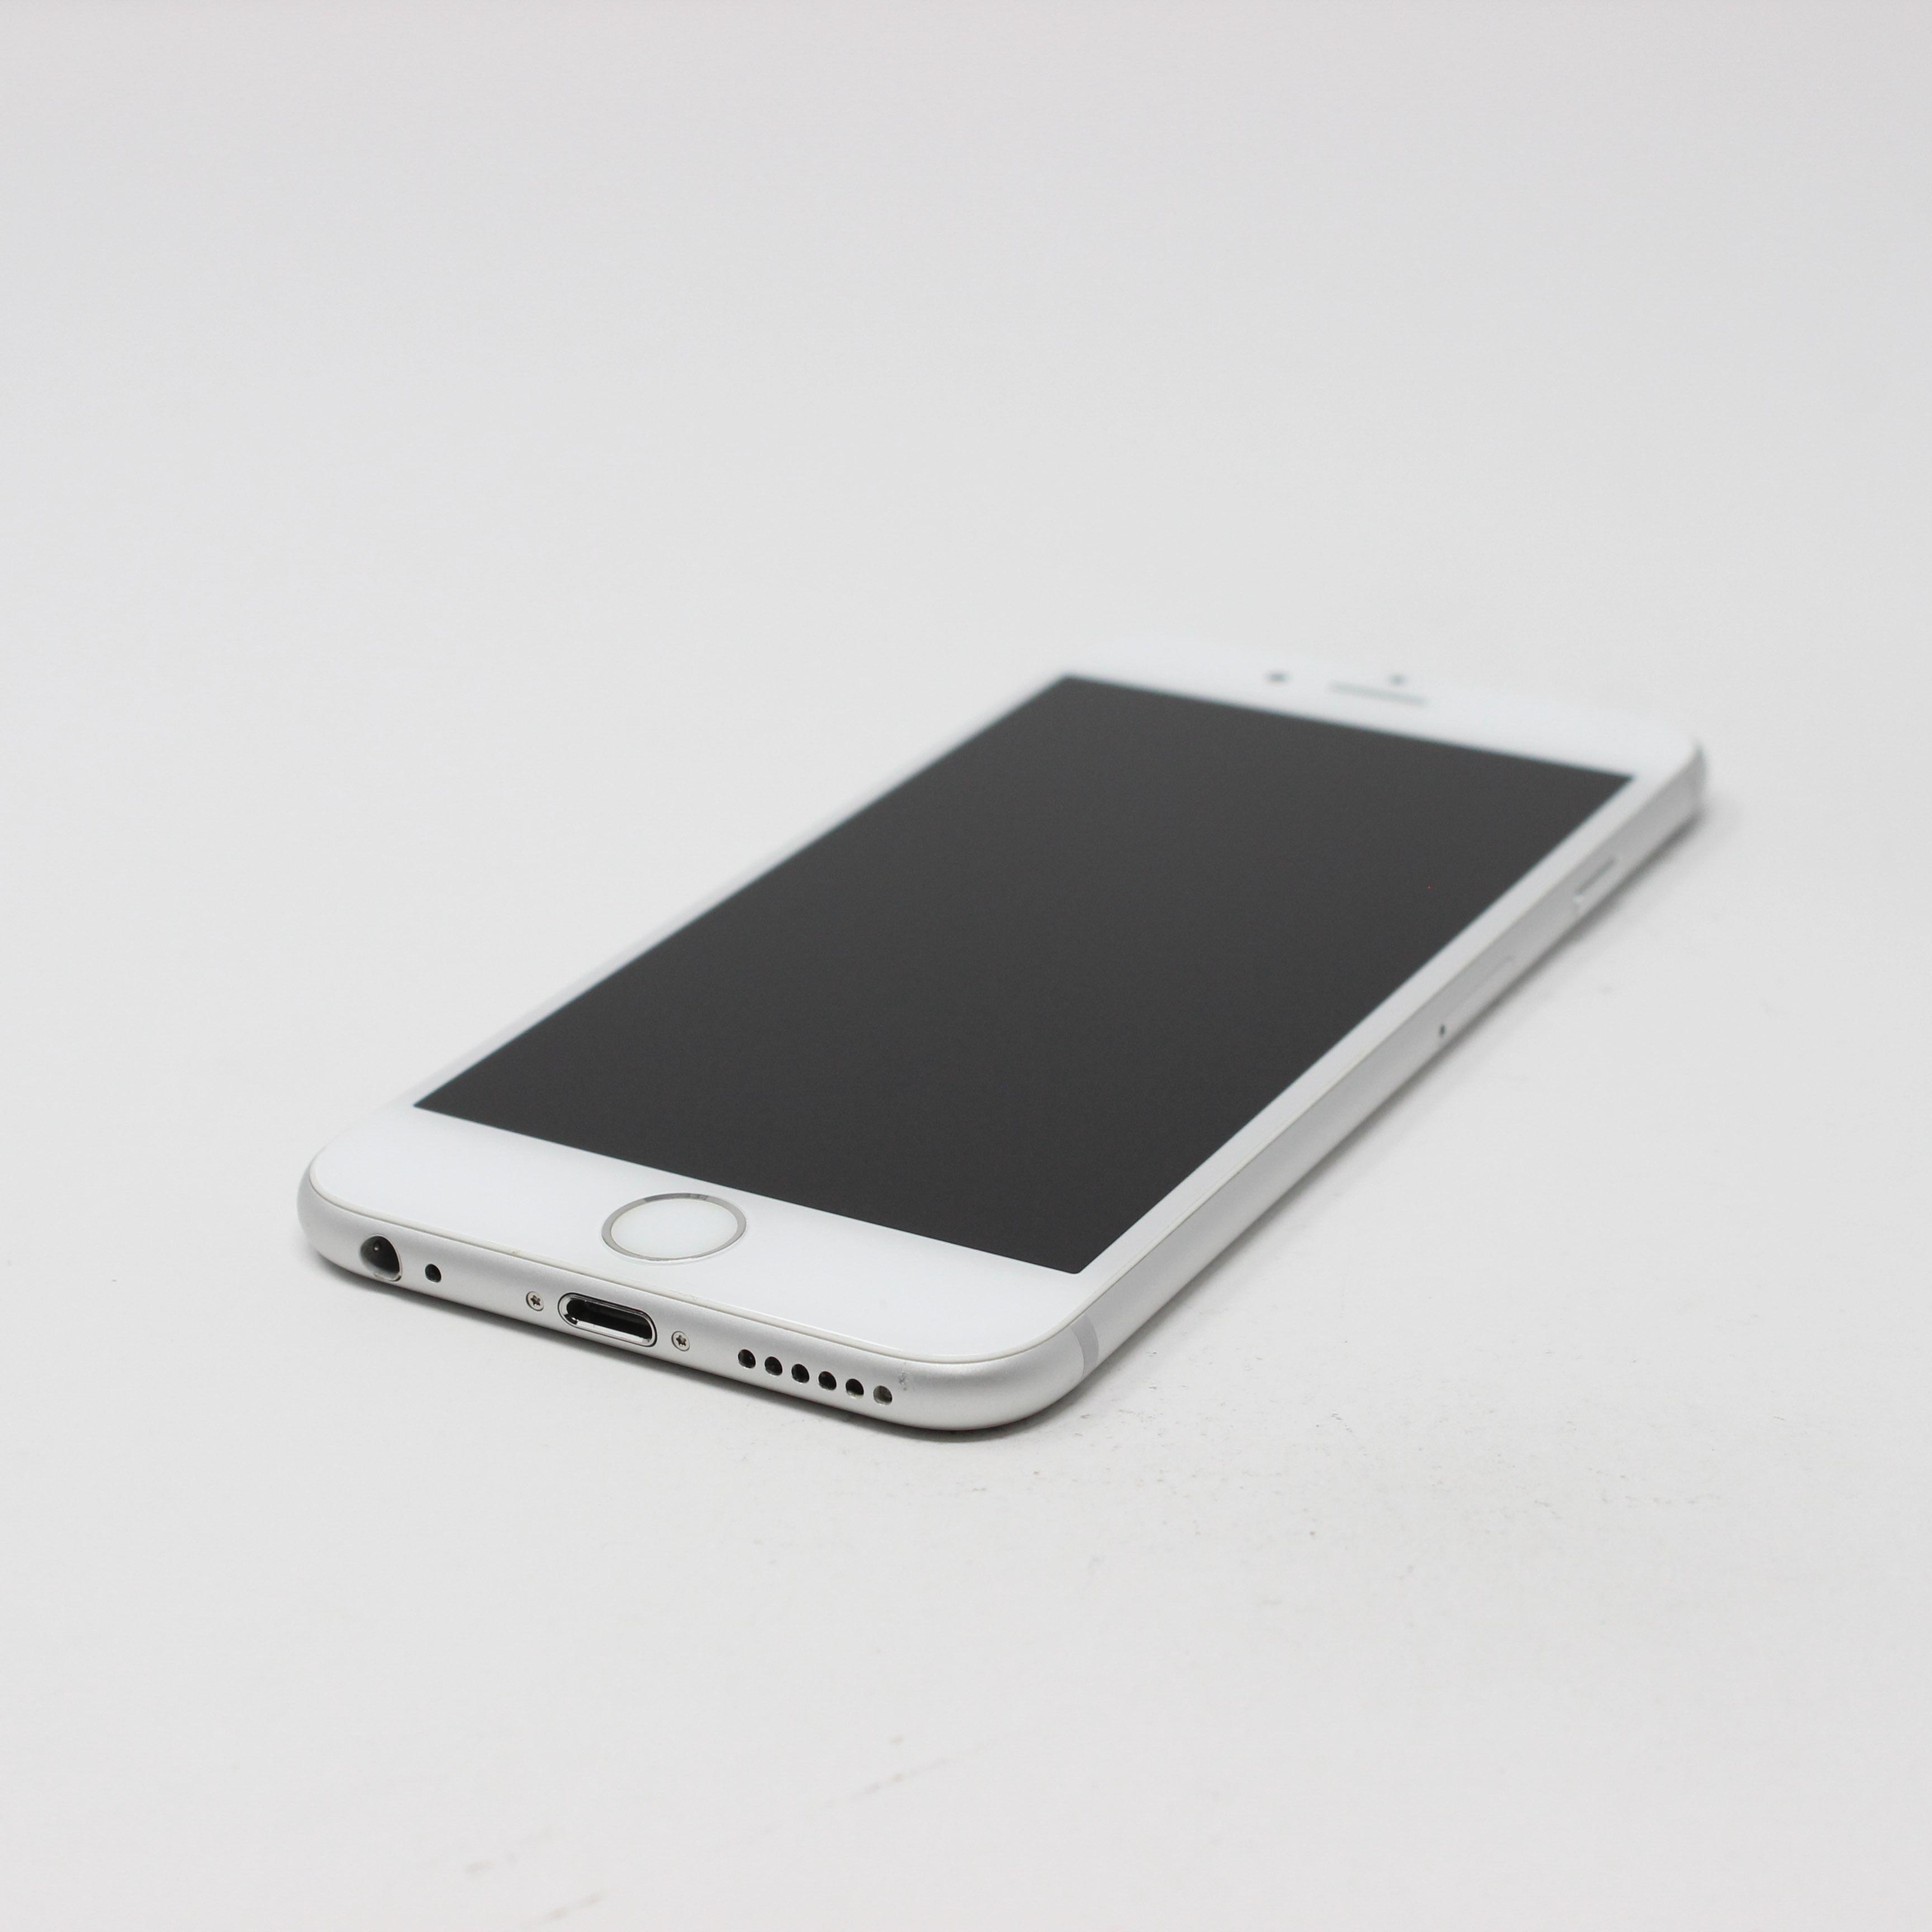 iPhone 6S 16GB Silver - AT&T photo 6   UpTradeit.com